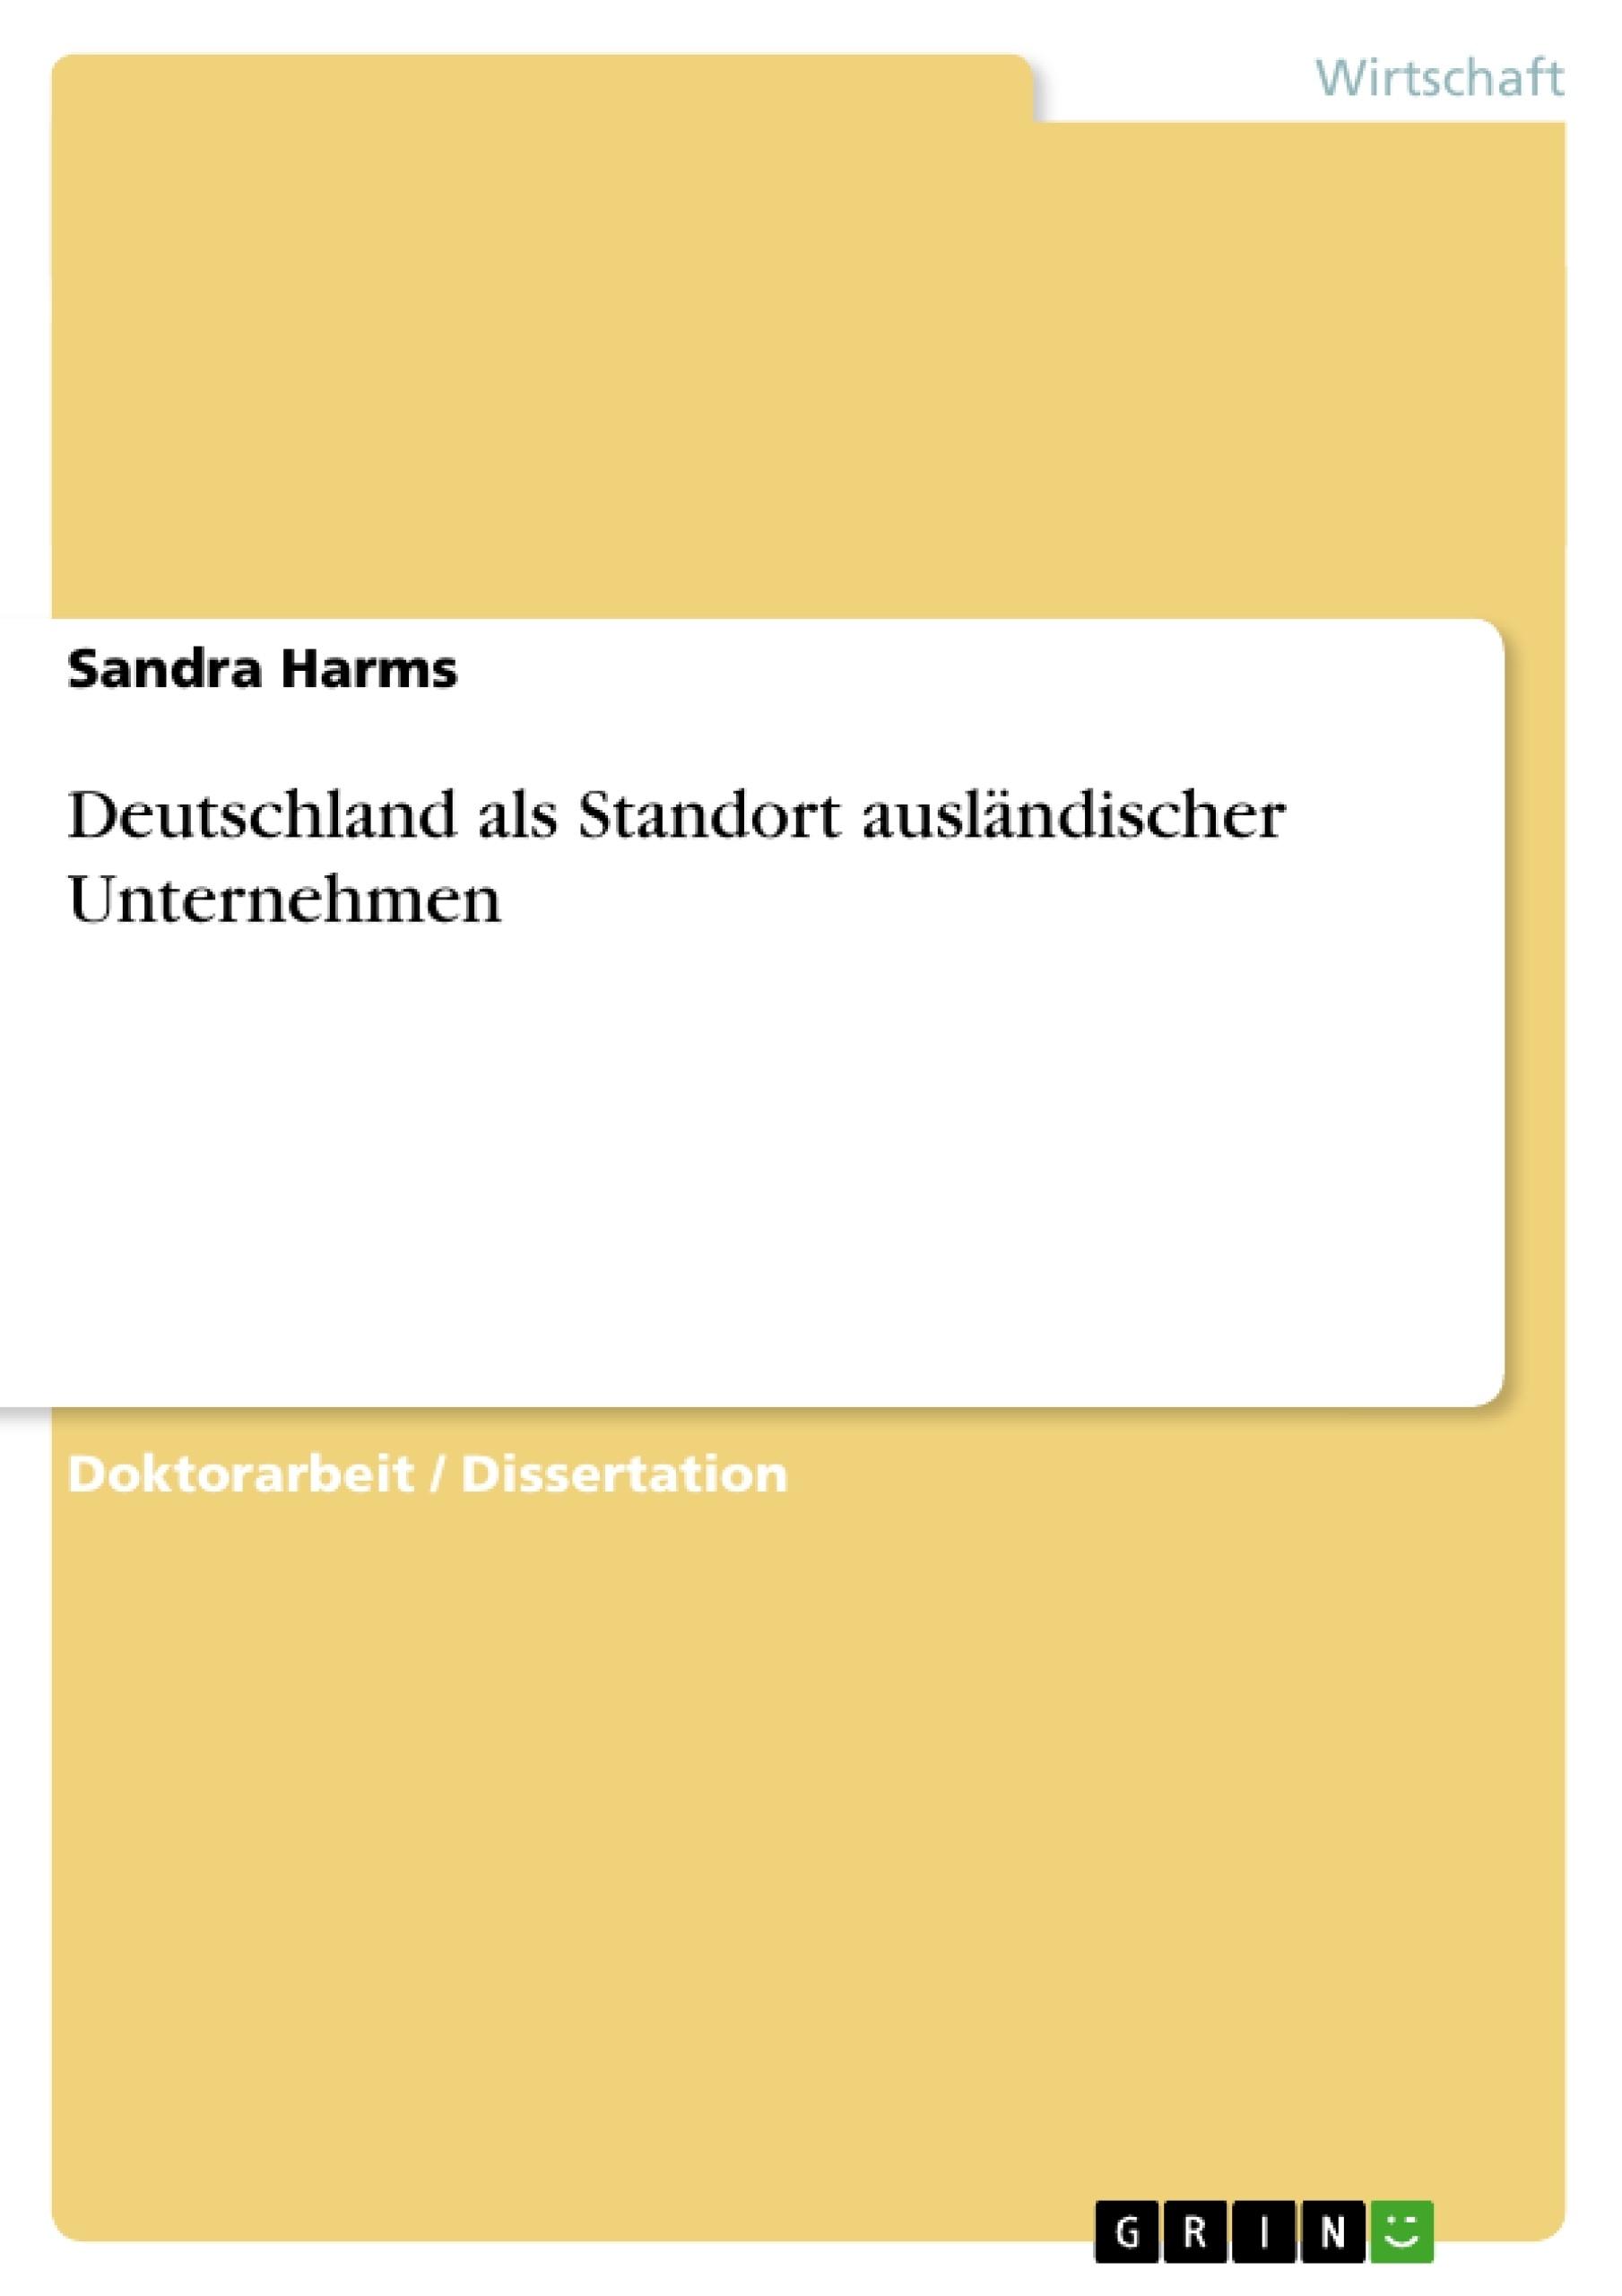 Titel: Deutschland als Standort ausländischer Unternehmen